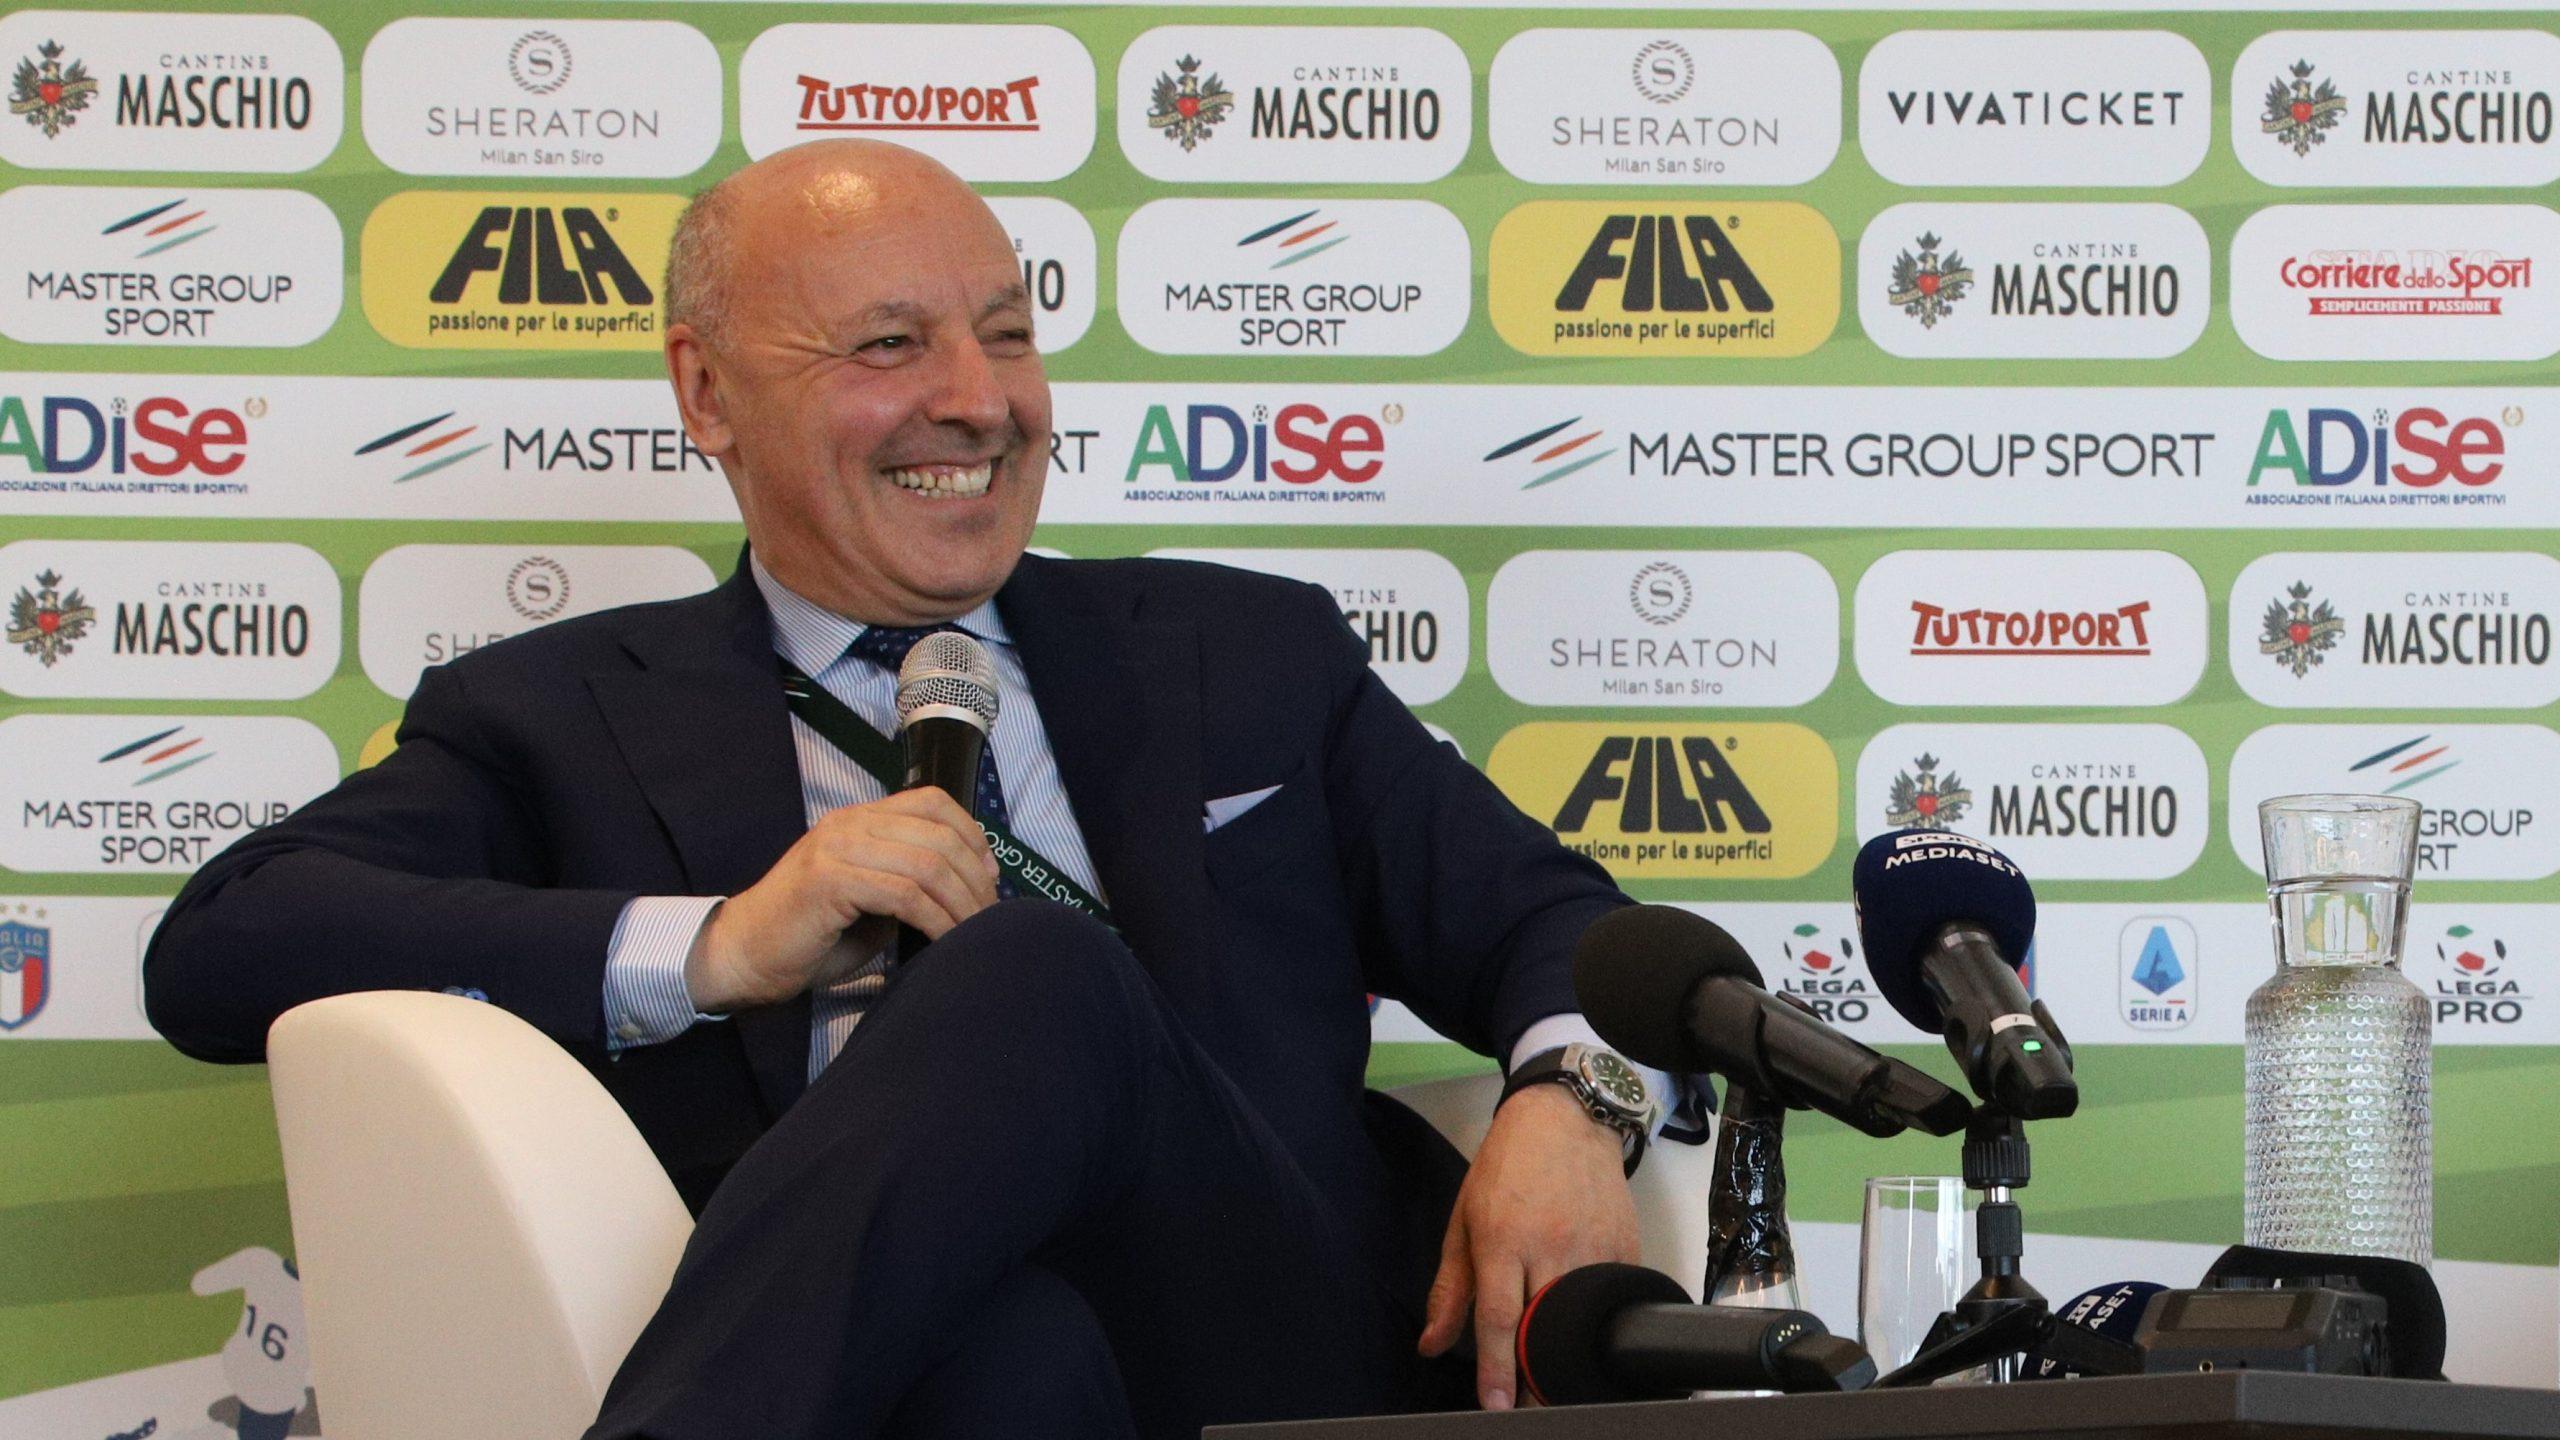 Calciomercato: Al Via Domani La Fase Finale Della Sessione Invernale